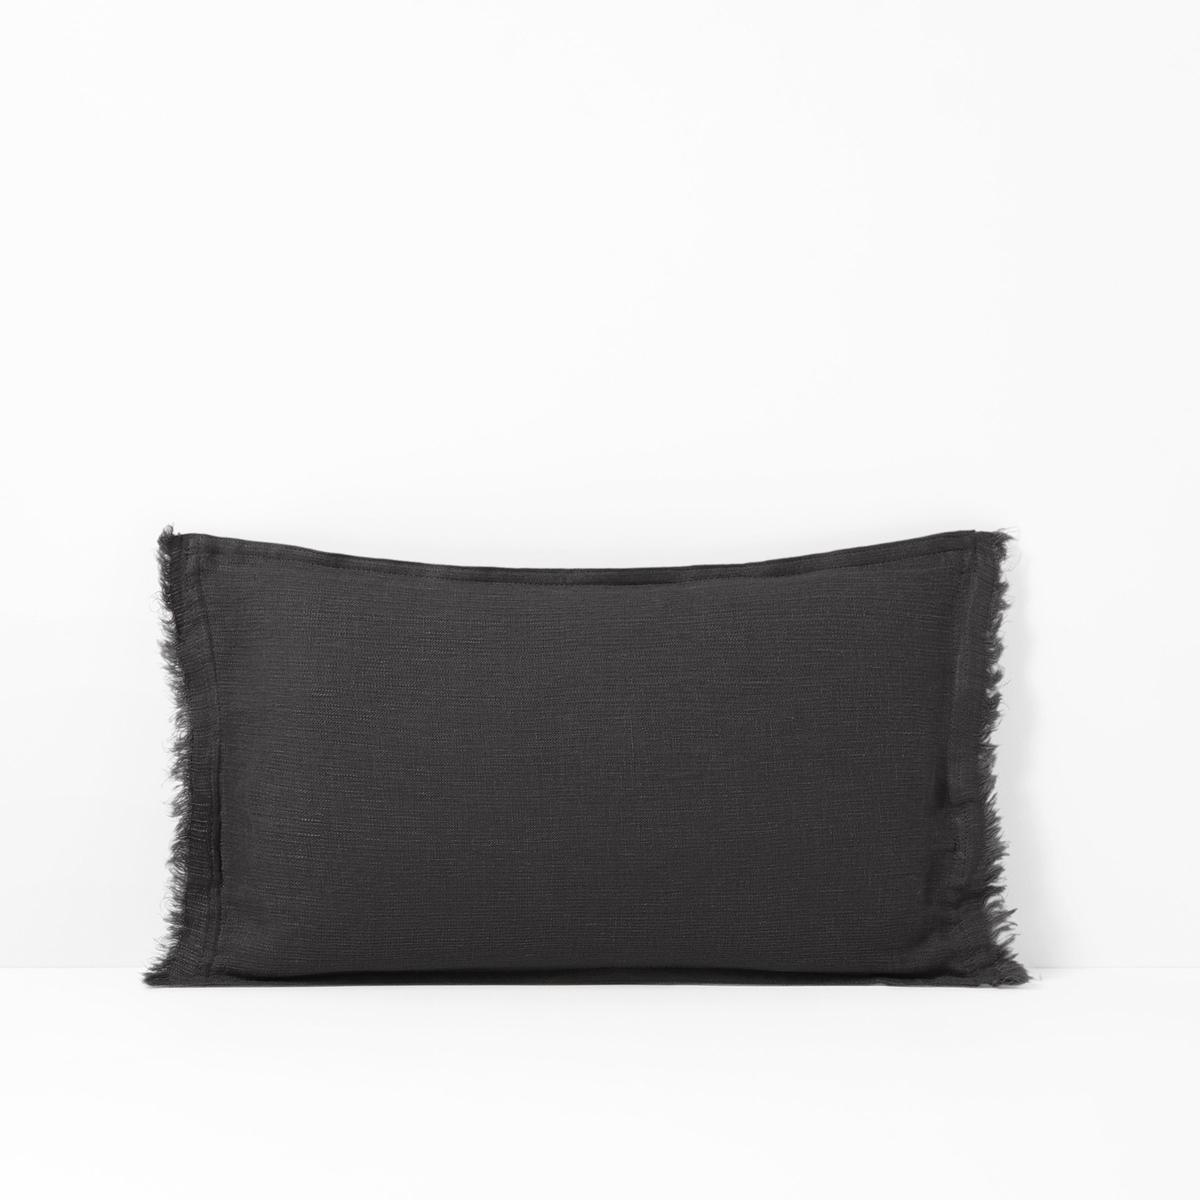 Фото - Чехол на подушку-валик из осветленного льна LINANGE чехол на подушку валик tasuna